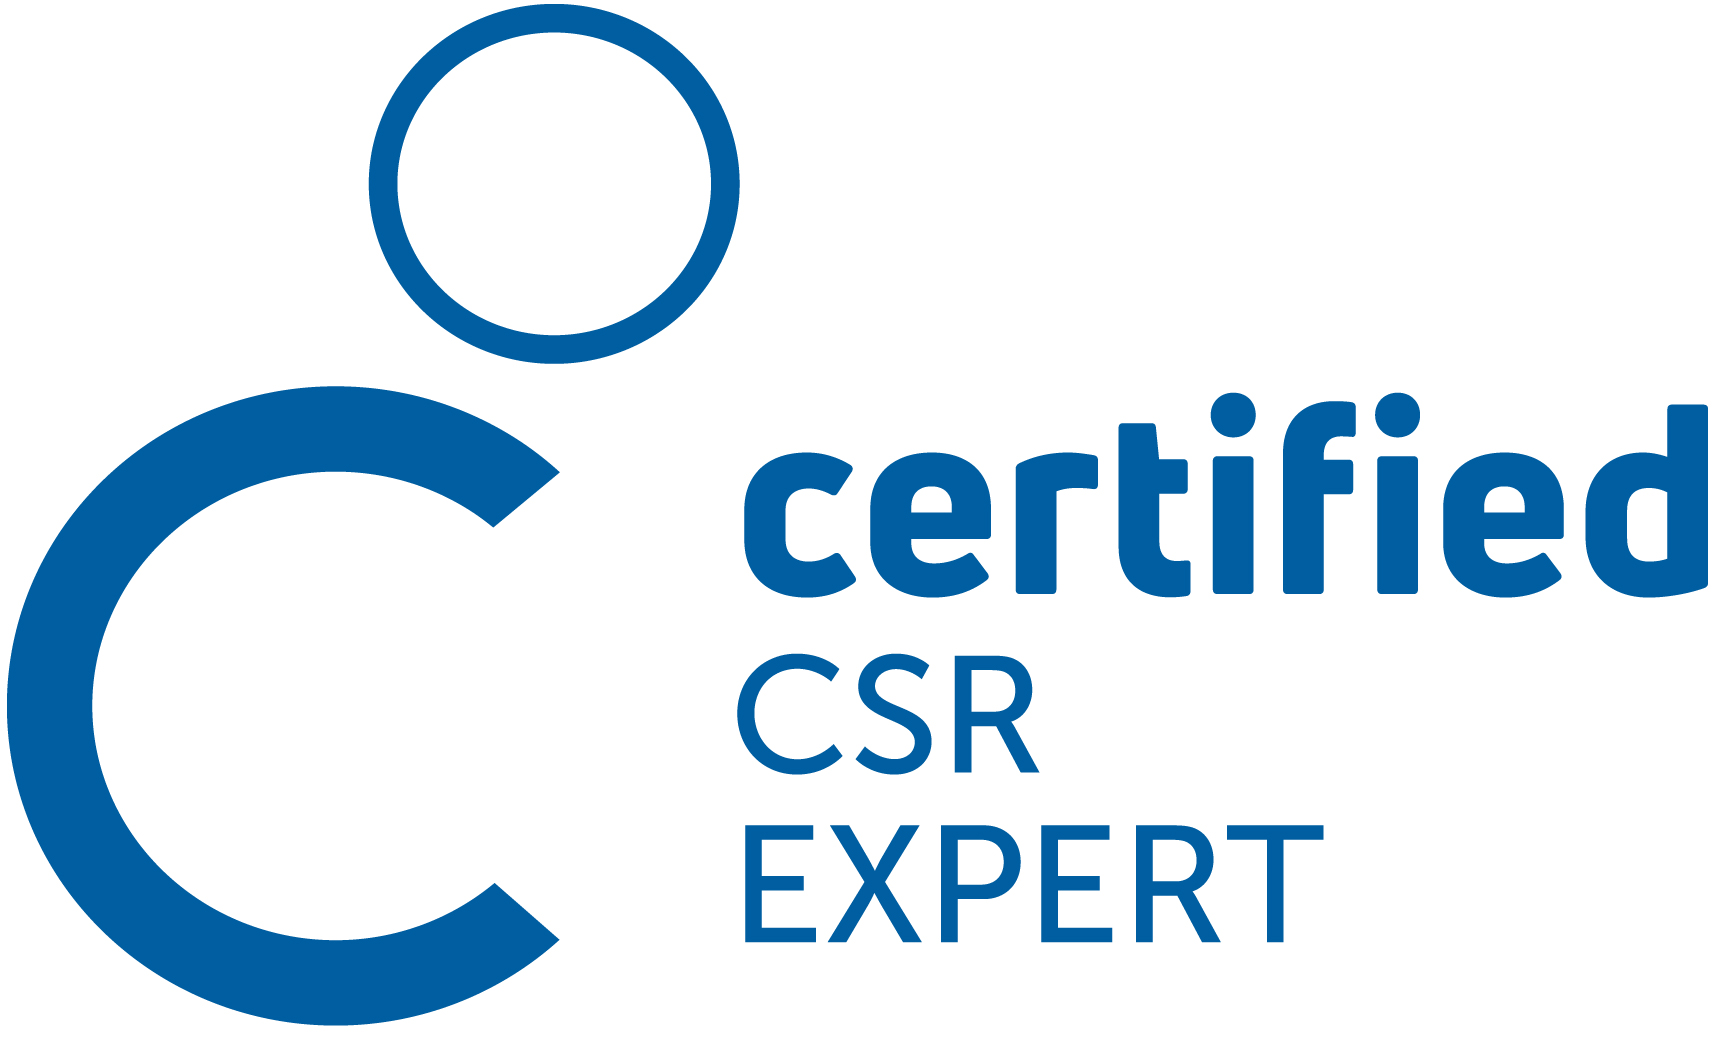 Produktlogo Zertifizierung Certified CSR Expert